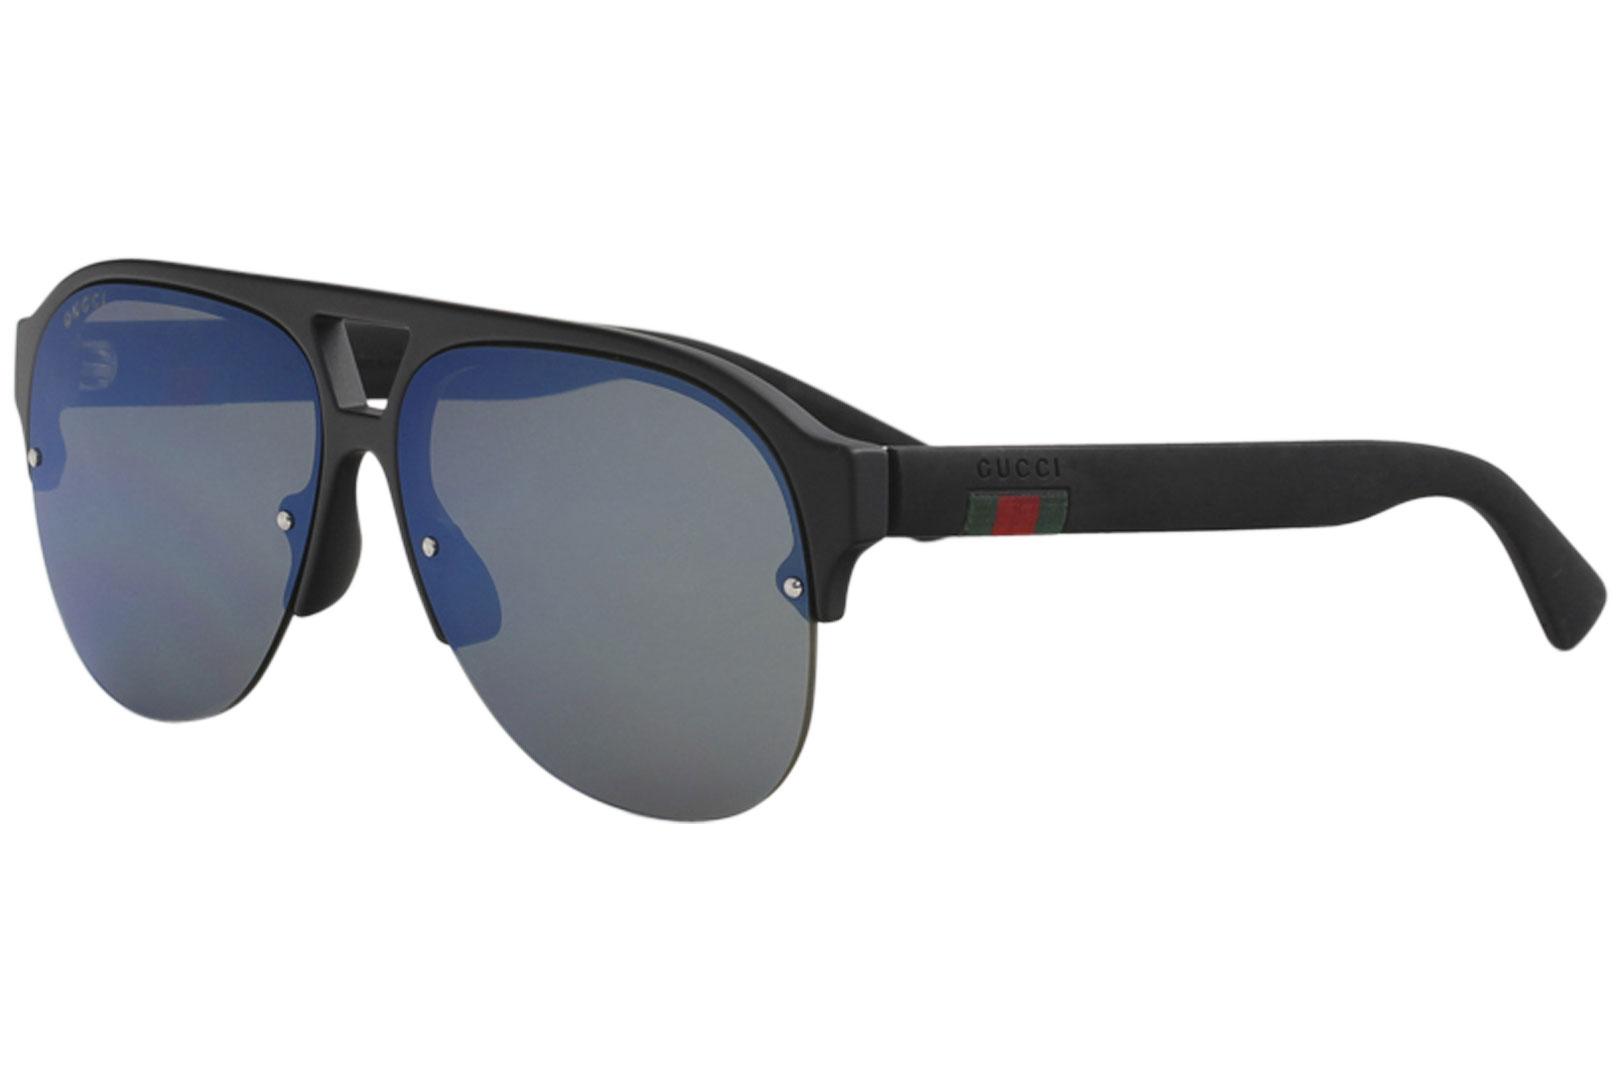 06a78b1a1 Gucci Men's Urban GG0170S GG/0170/S 002 Black/Blue Flash Pilot ...